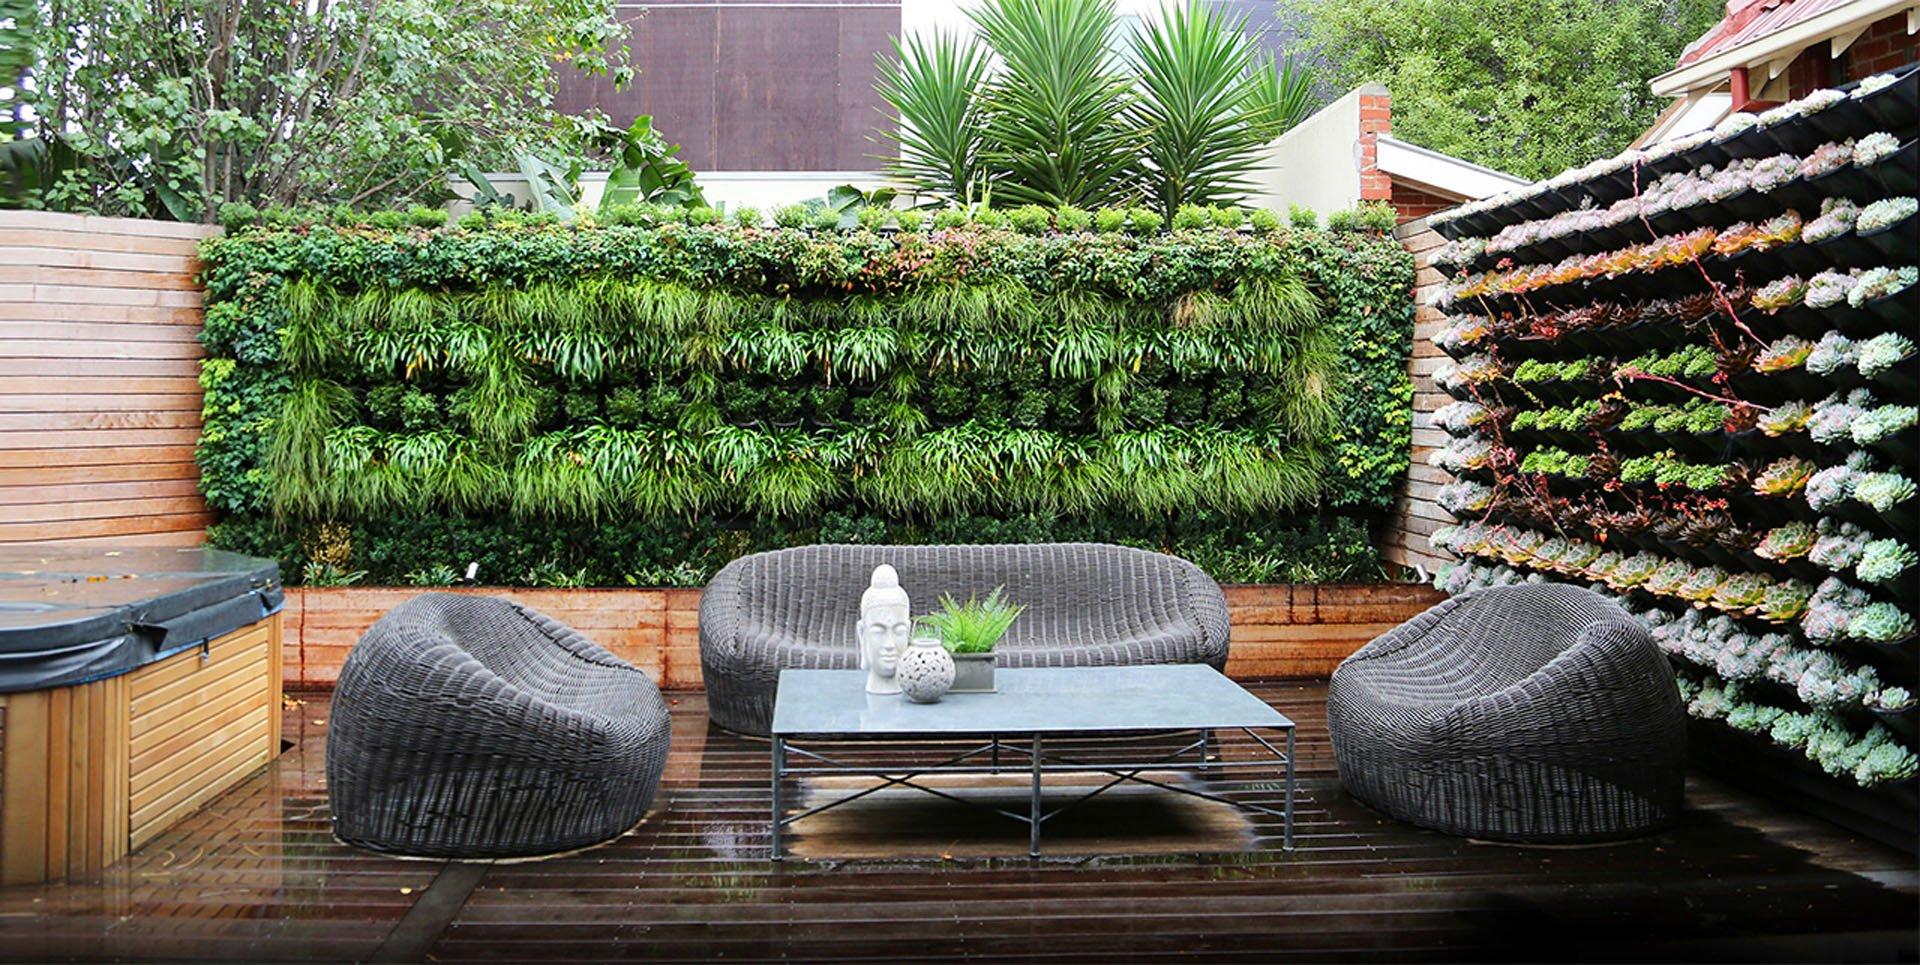 Ogrody wertykalne zielone ciany mech na cianie - Maison jardin senior living community reims ...